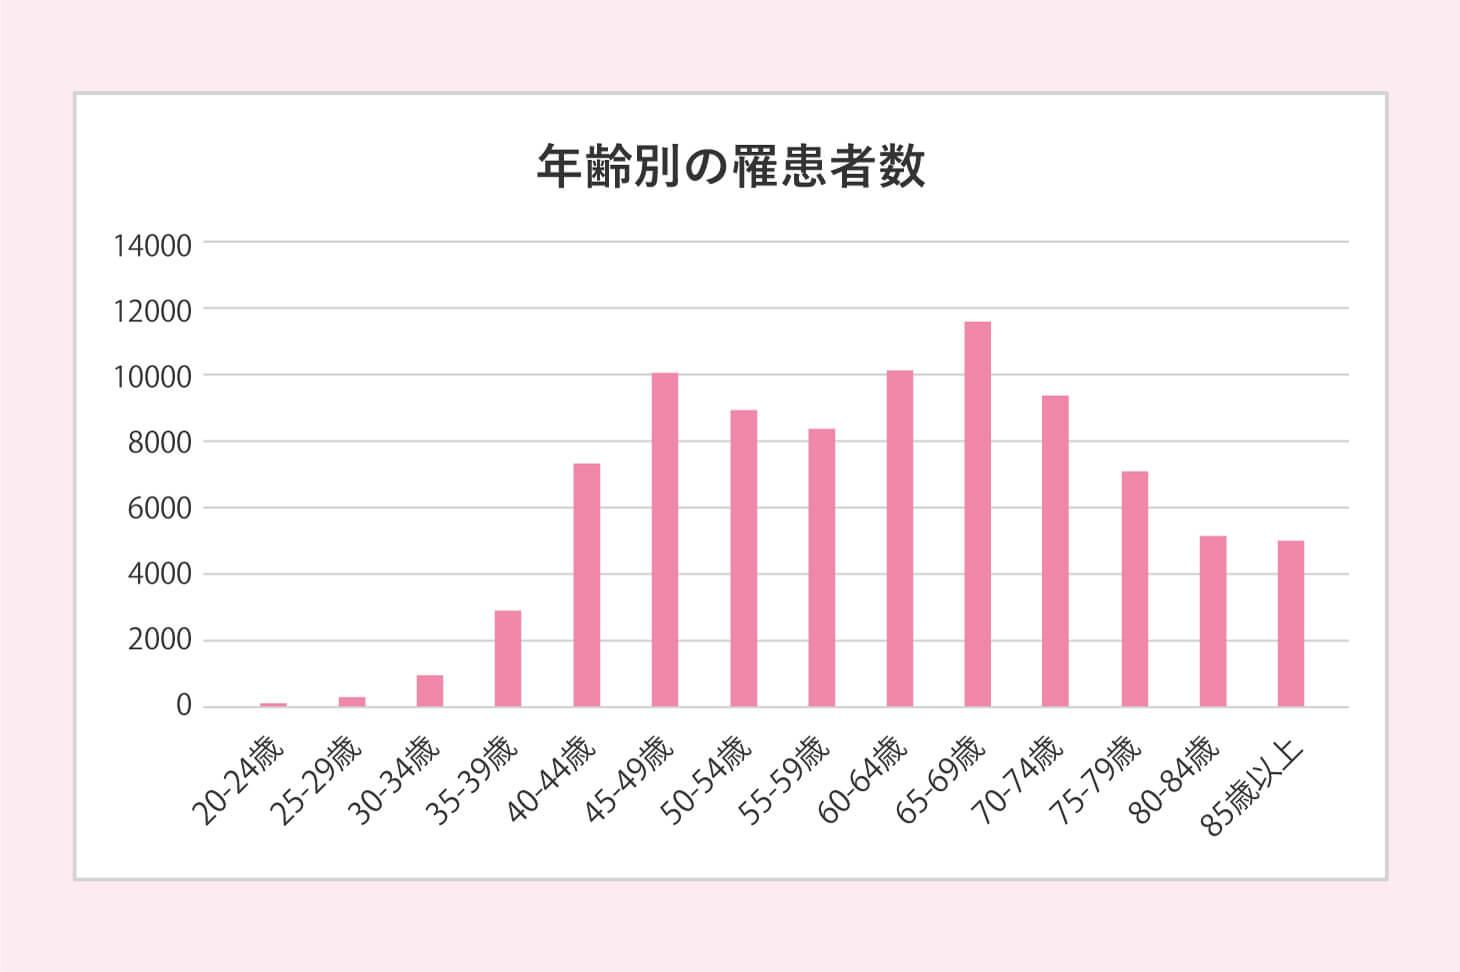 乳がんの年齢別の罹患者数の推移グラフ